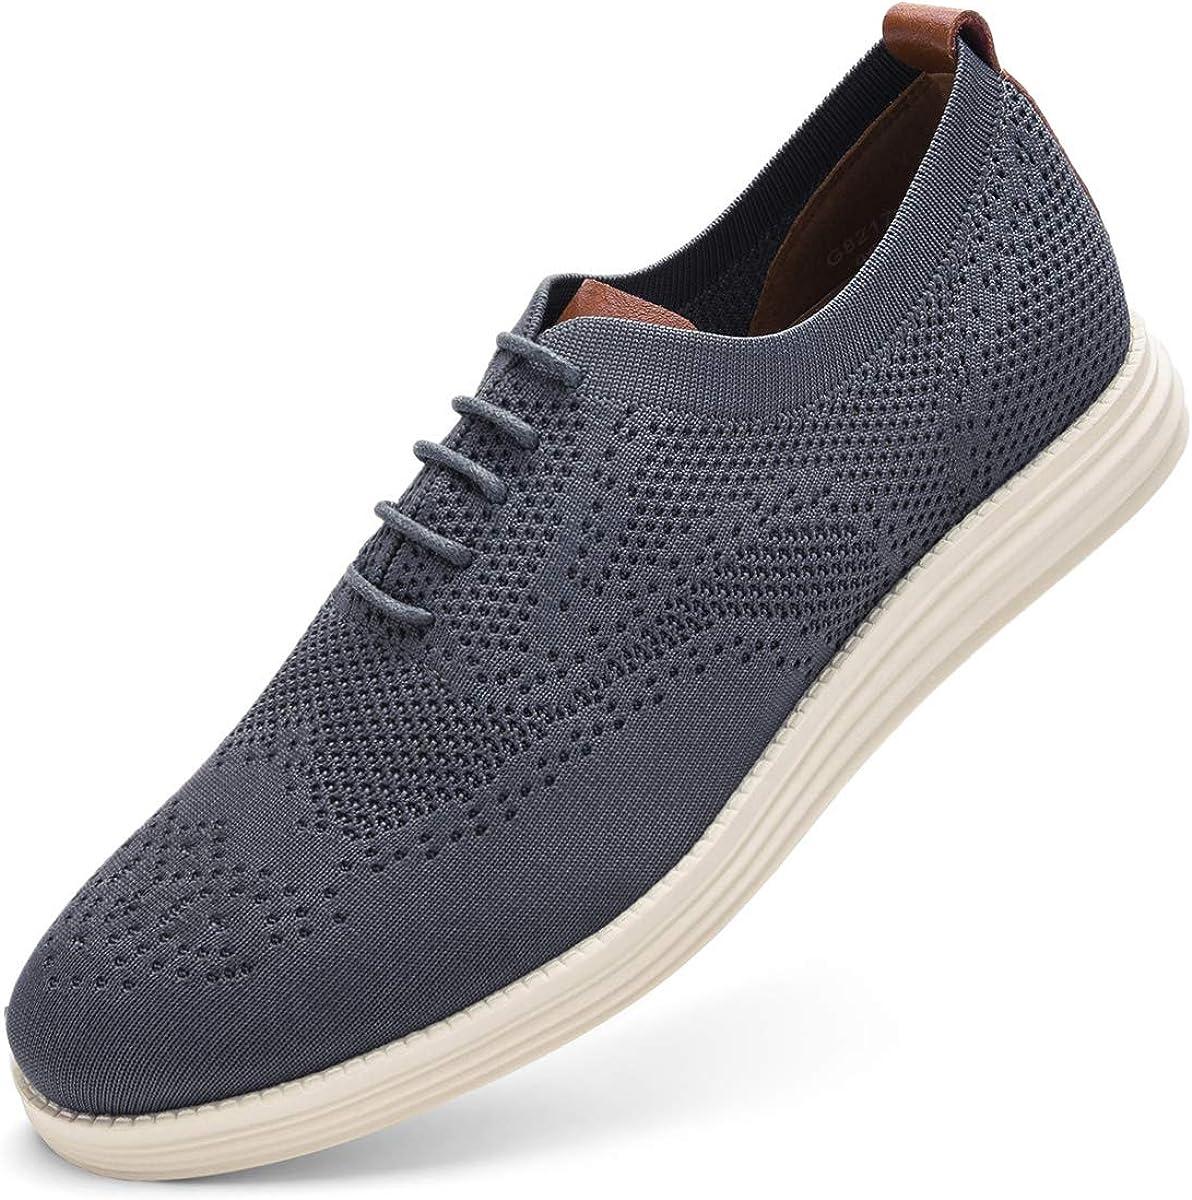 Men's Wingtip Dress Shoes Knit Oxford